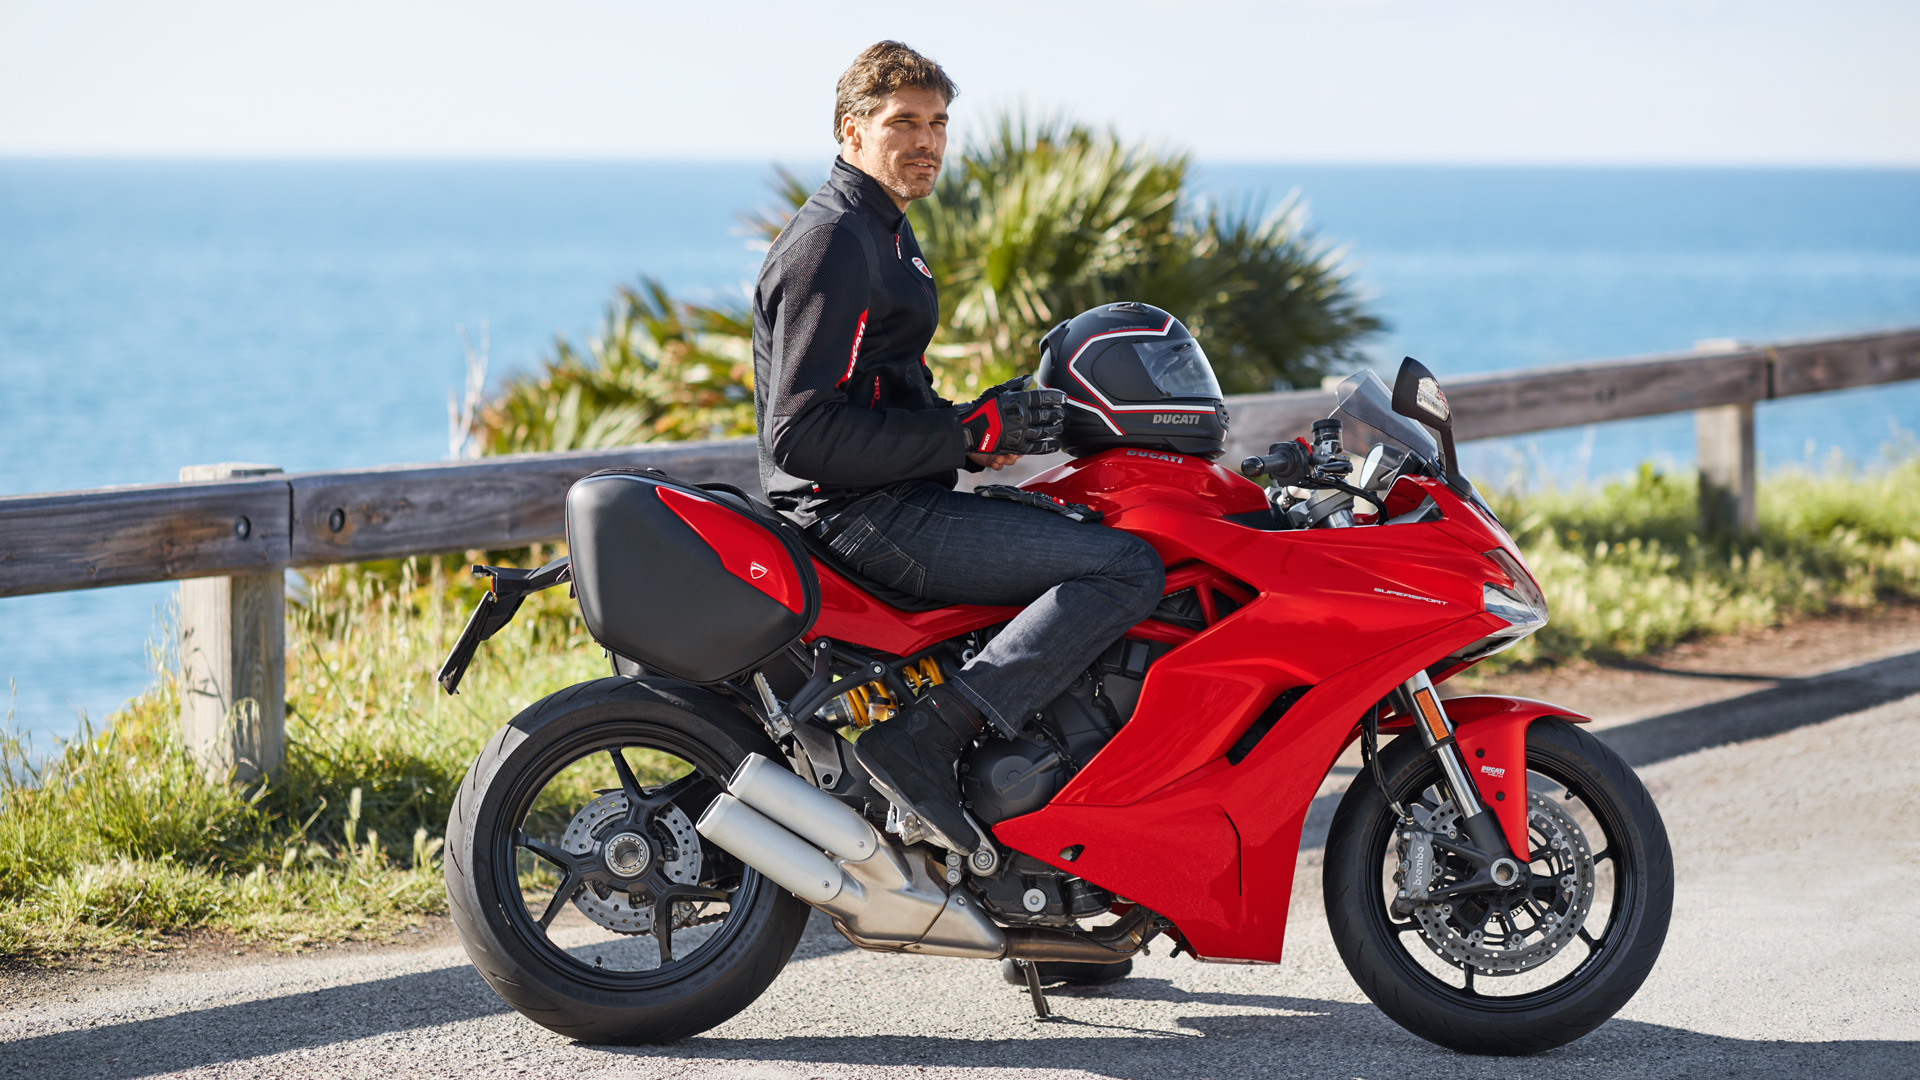 Ducati Super Sport For Sale